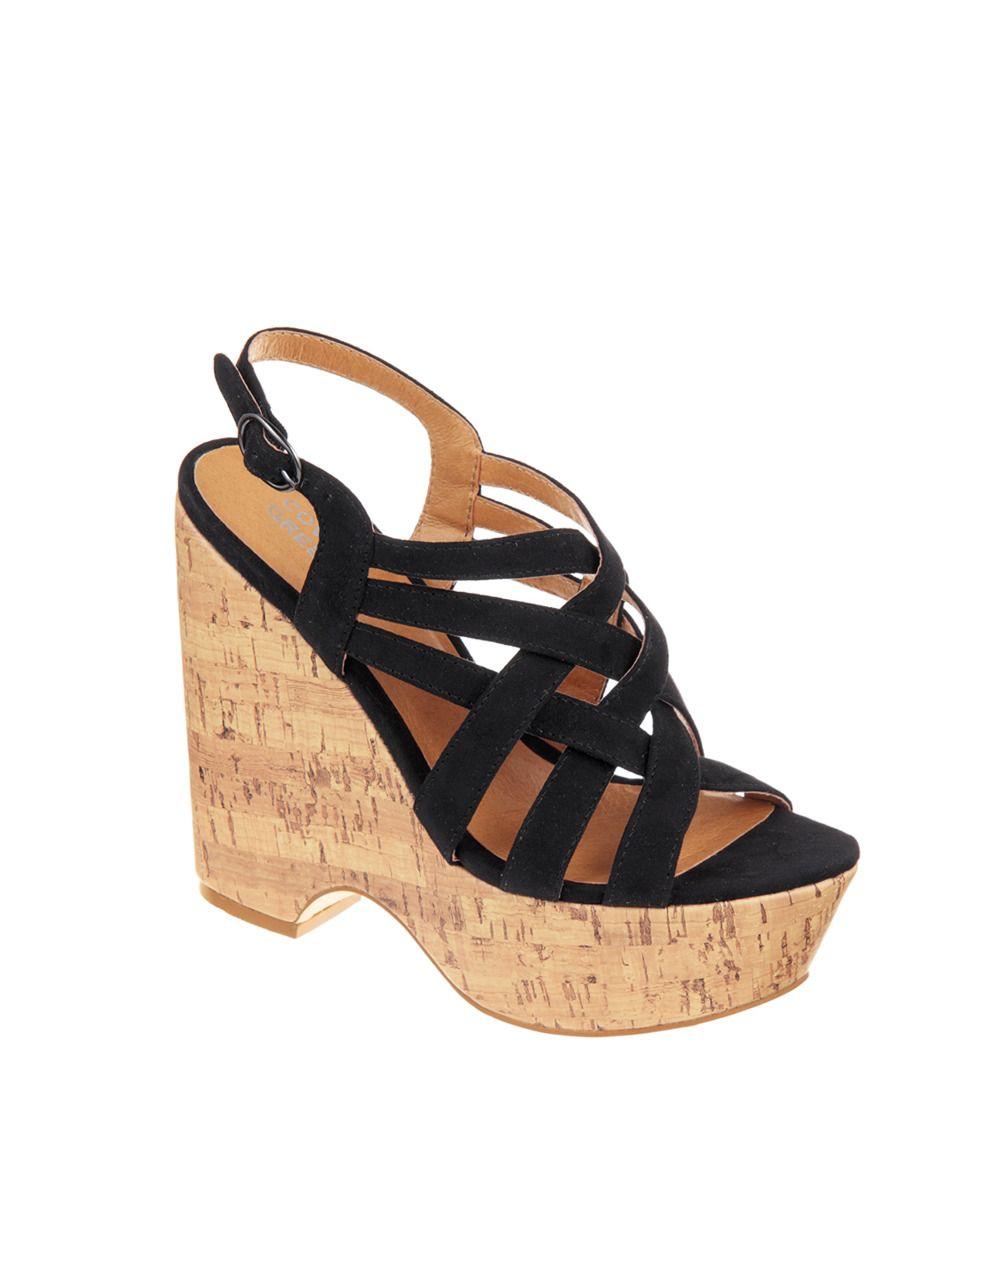 faa8af65e10 Cuñas de mujer Green Coast - Mujer - Zapatos - El Corte Inglés - Moda